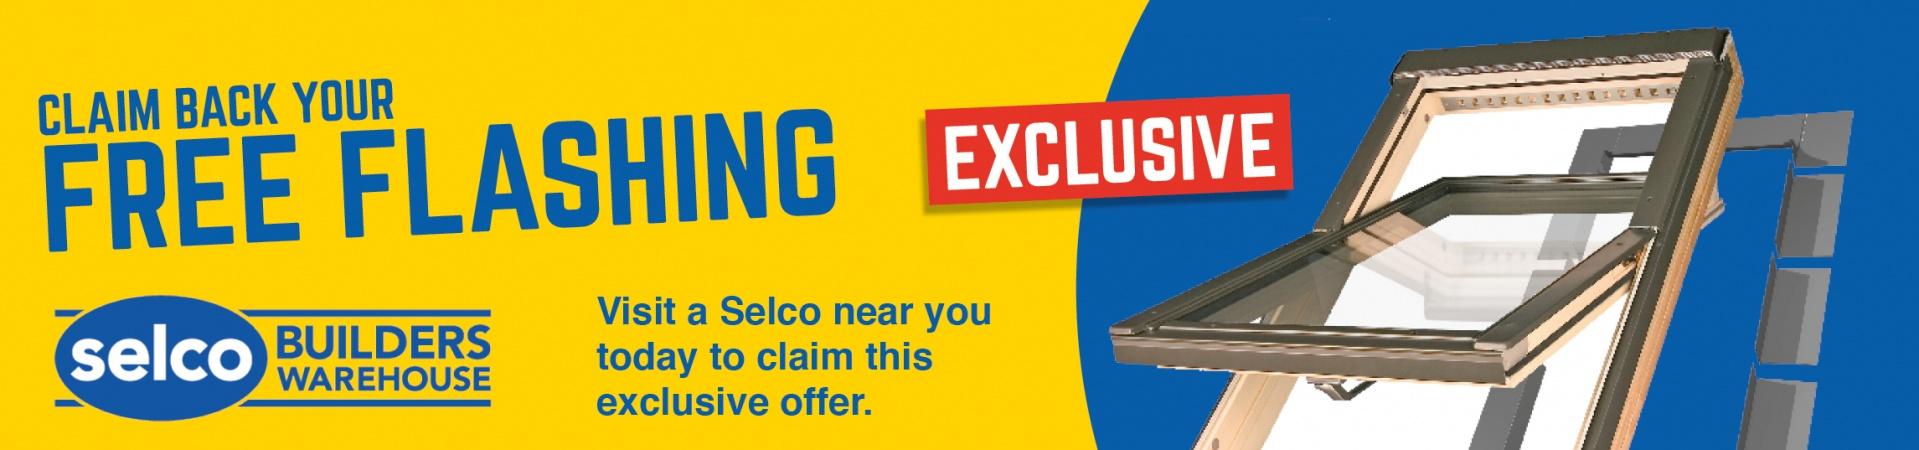 Selco Promotion Free Flashing Claim Back